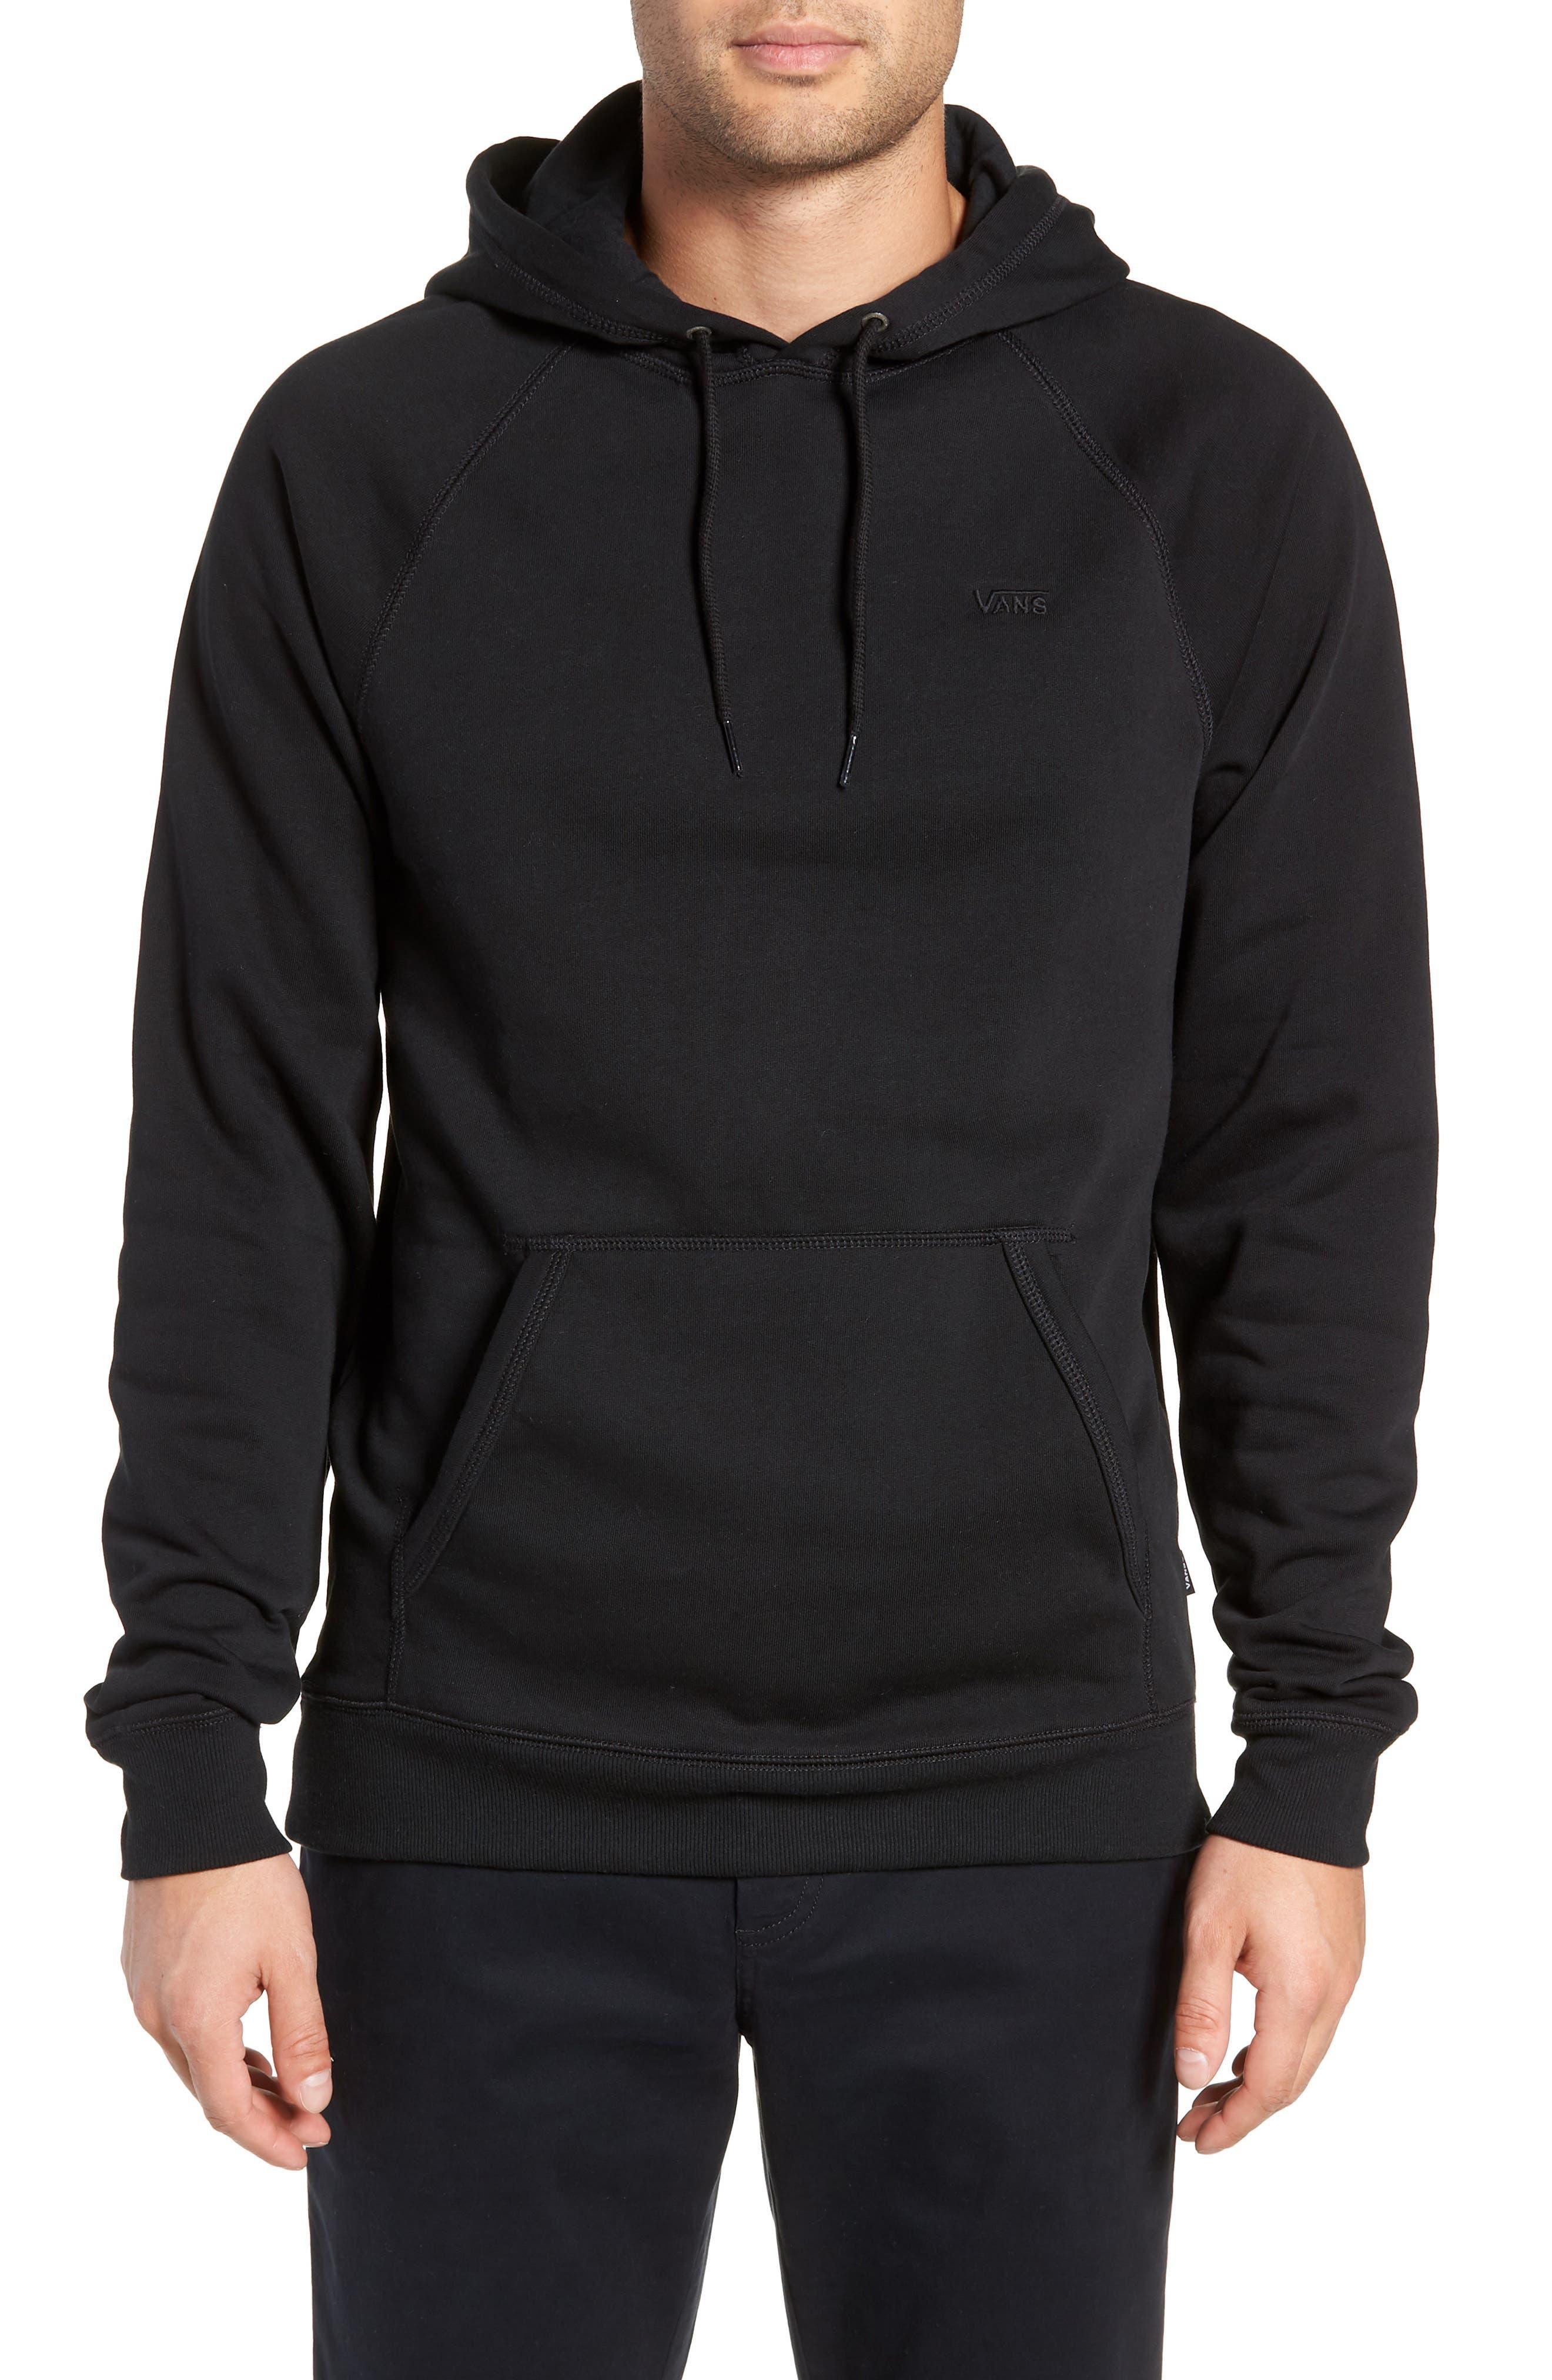 Versa Hoodie Sweatshirt,                         Main,                         color, BLACK